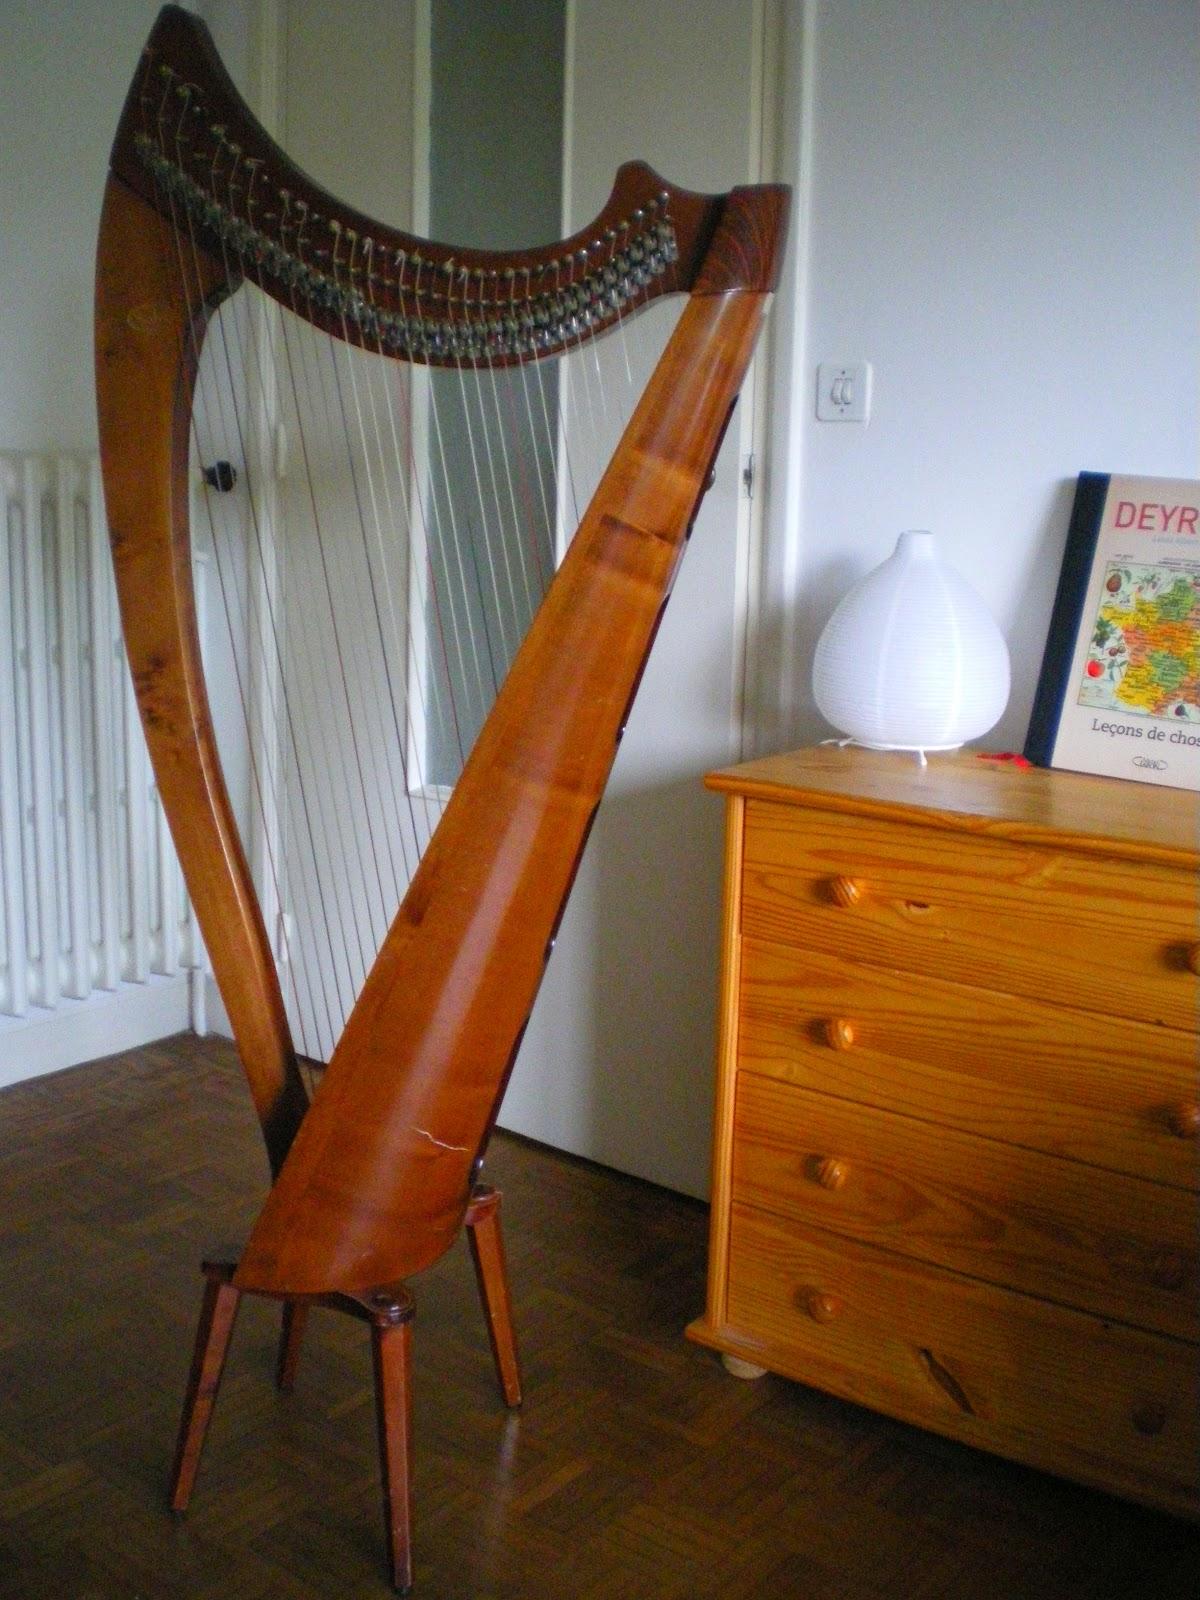 Les harpes location de harpe celtique d 39 occasion - Housse de harpe celtique ...